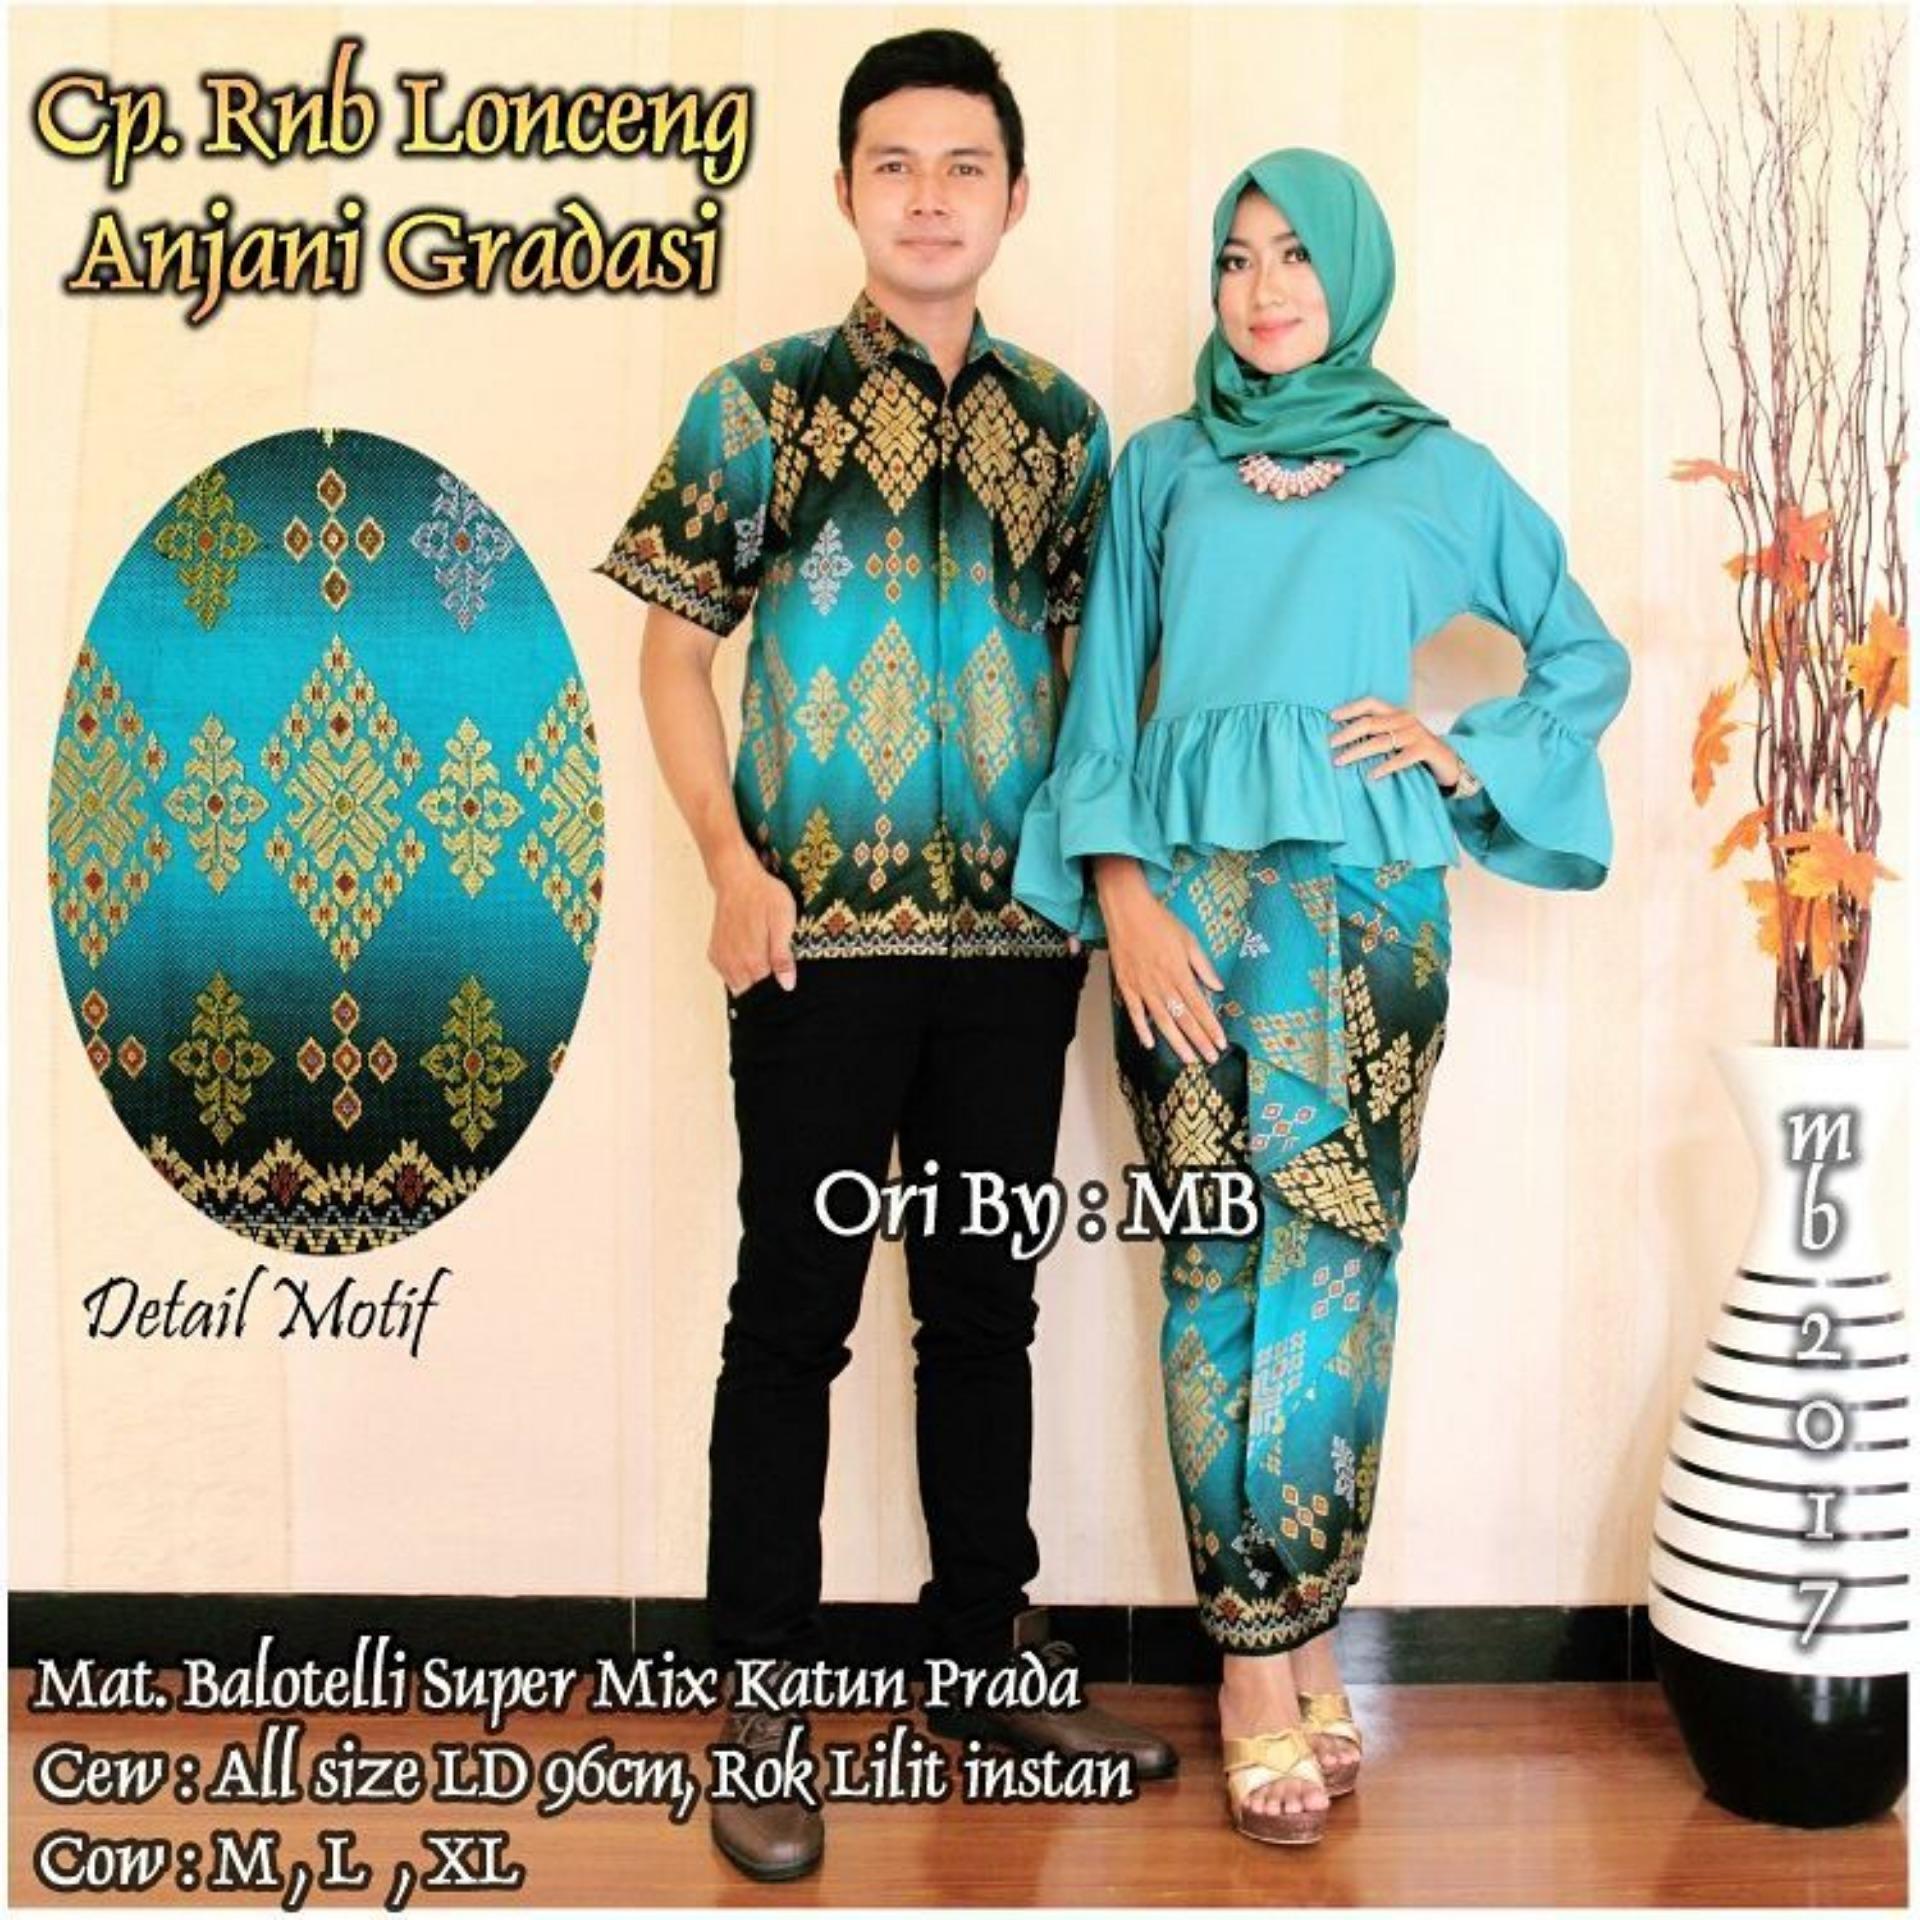 Couple Batik RnB Lonceng Anjani Gradasi Tosca